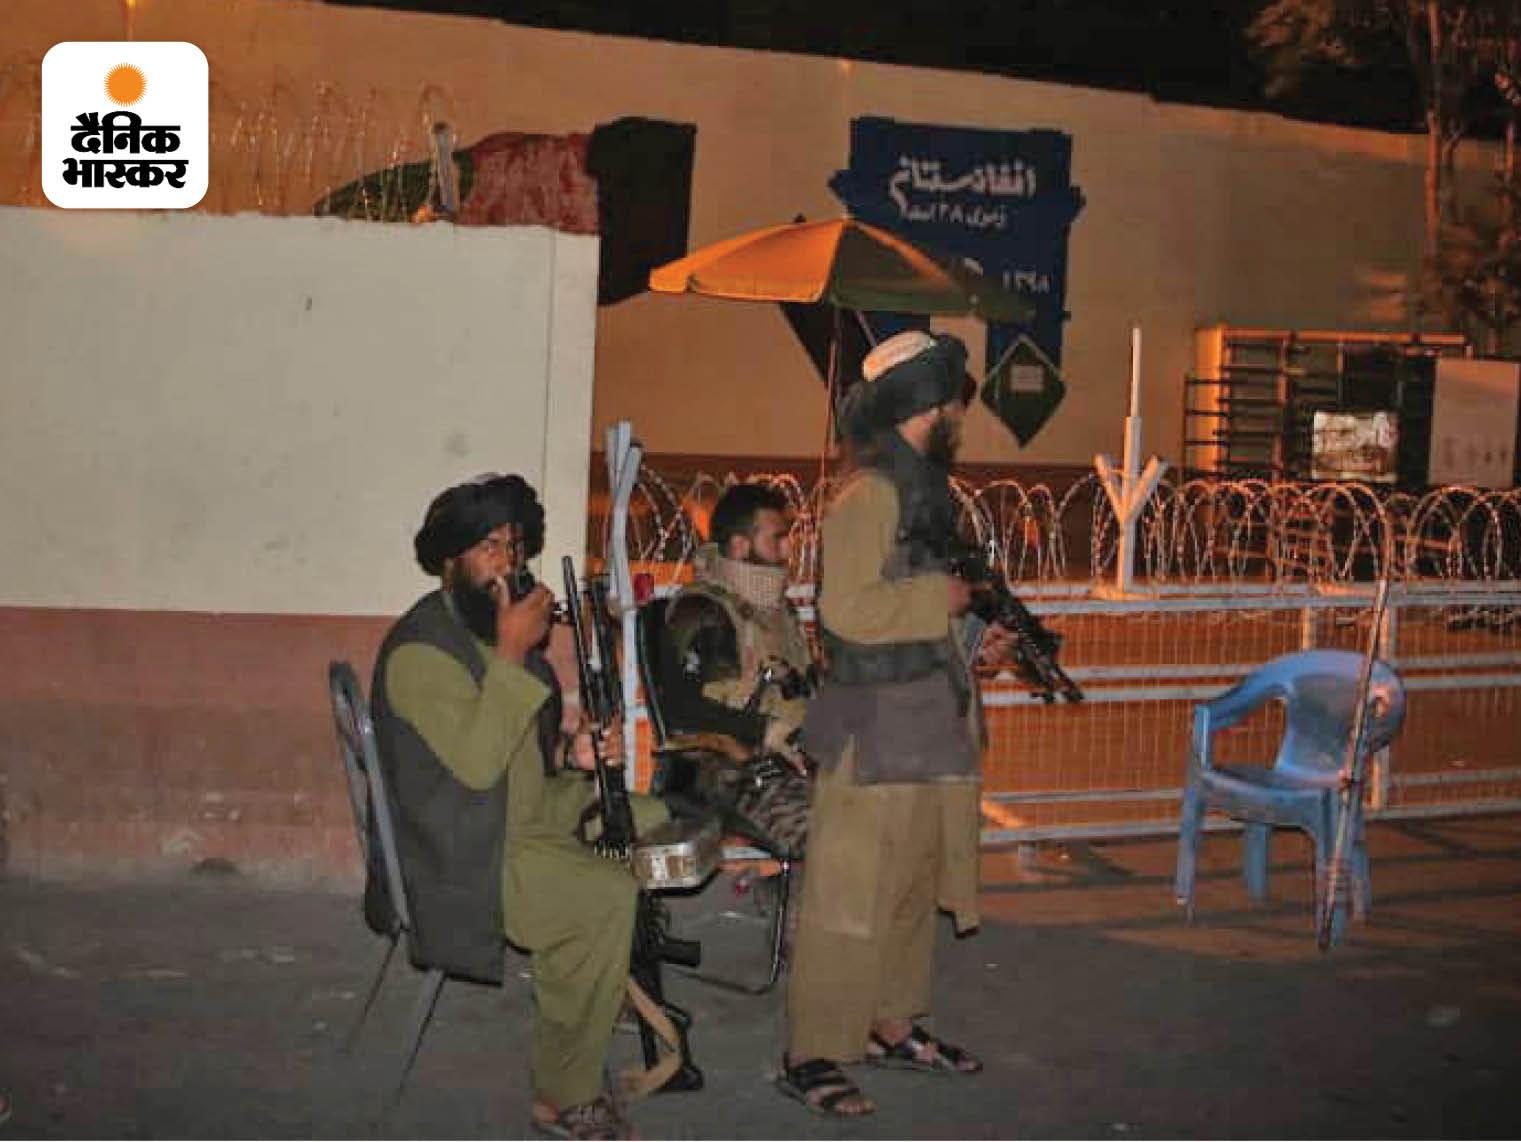 काबुल में जगह-जगह तालिबान के लड़ाकों ने इस तरह के चेक पॉइंट बना रखे हैं। इनमें हमेशा तालिबान के लड़ाके हथियार के साथ तैनात रहते हैं। फोटो क्रेडिट: अल जजीरा